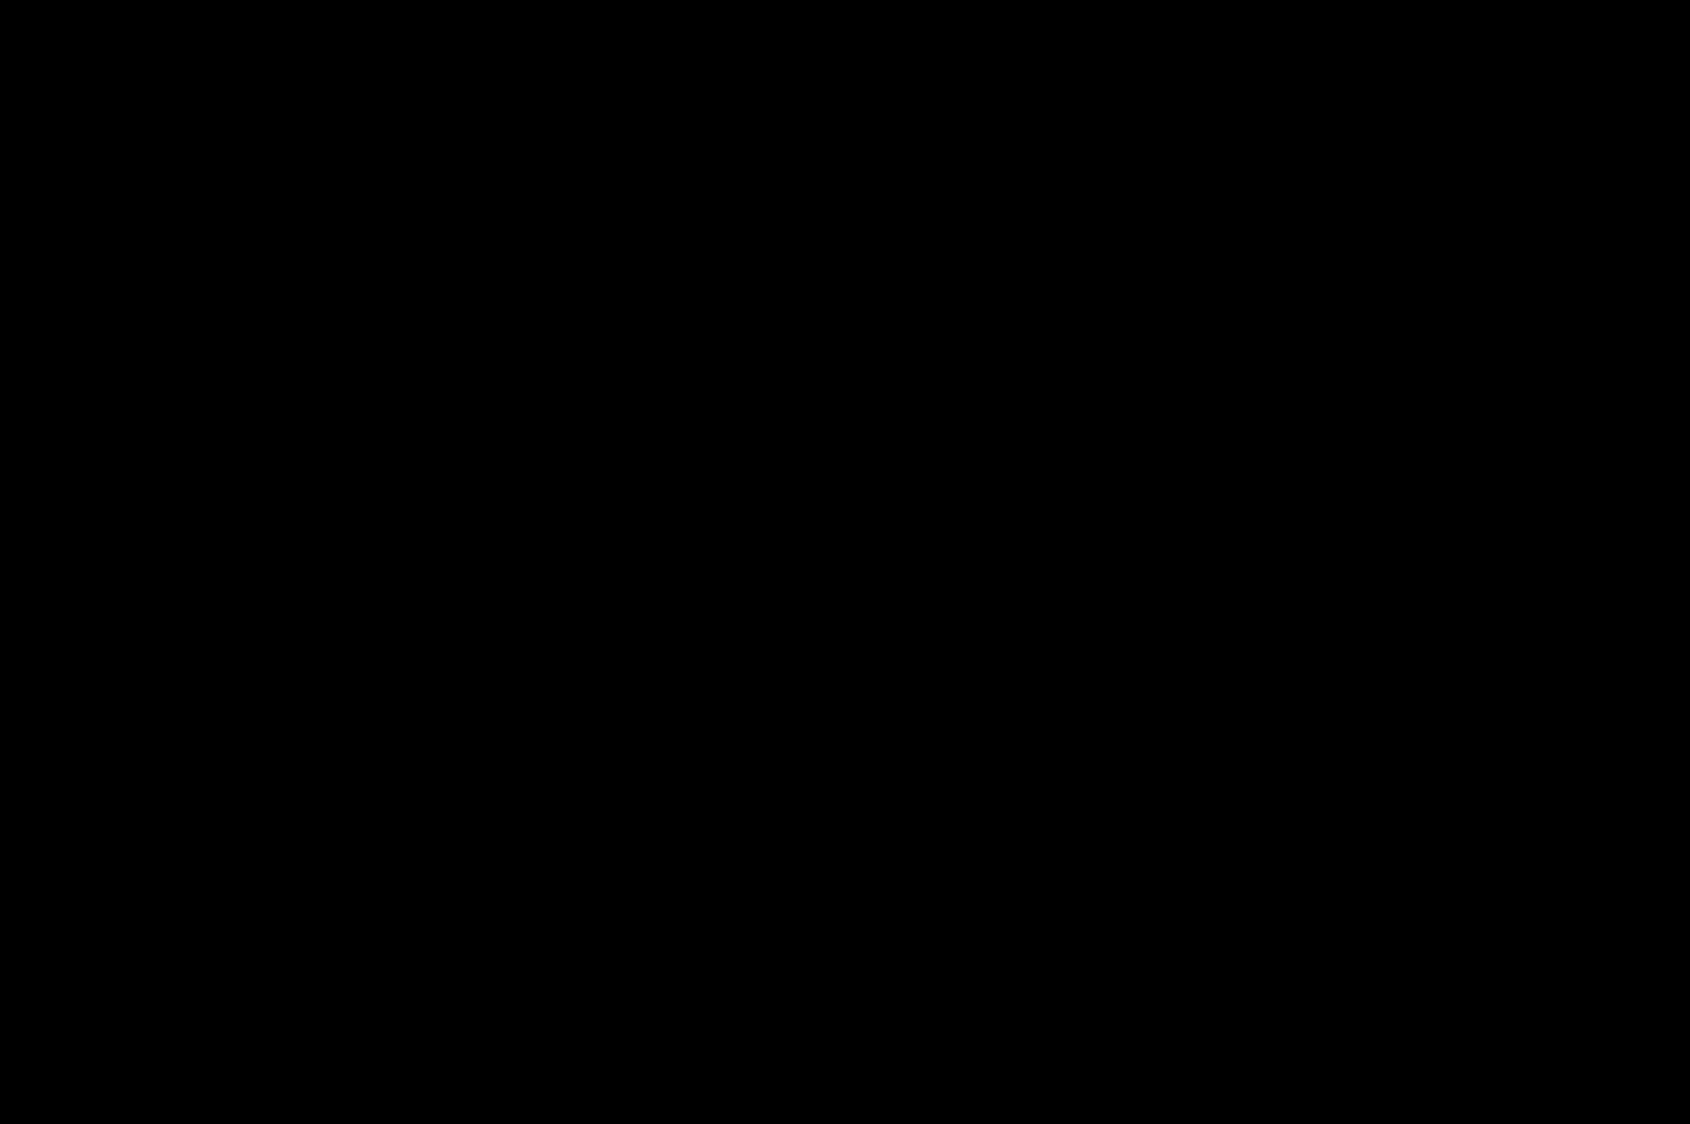 image-4-compressor